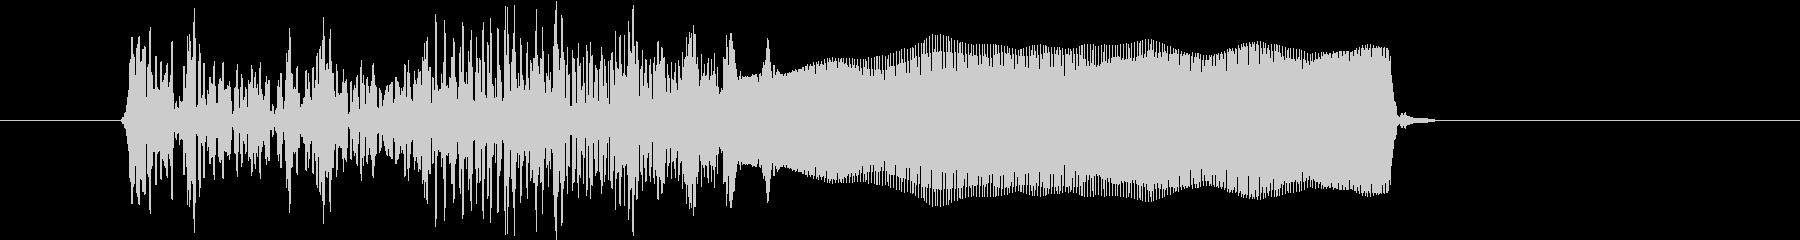 オルガンのグリッサンドの未再生の波形